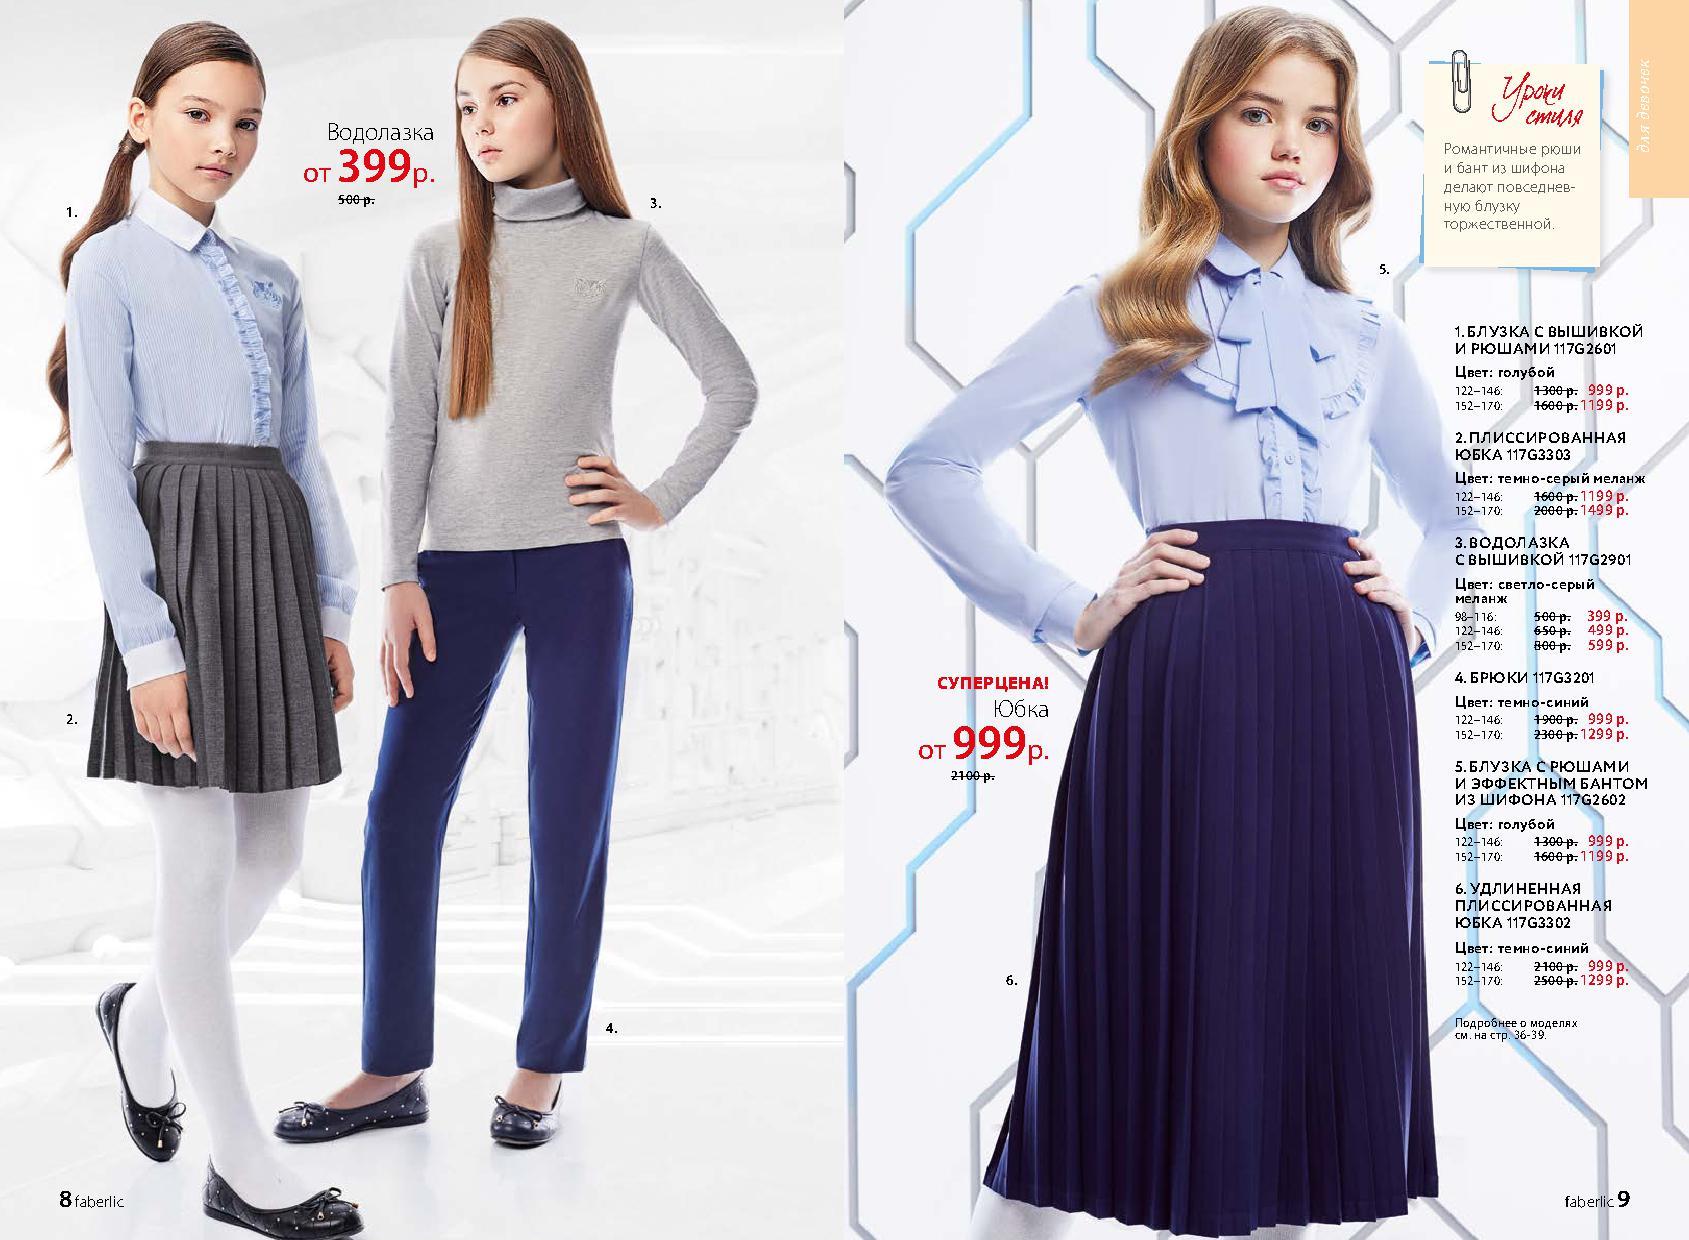 da9f9cd53703 Faberlic · Компания Фаберлик. Одежда для школы. Купить обувь и одежду для  детей Faberloic. Faberlic